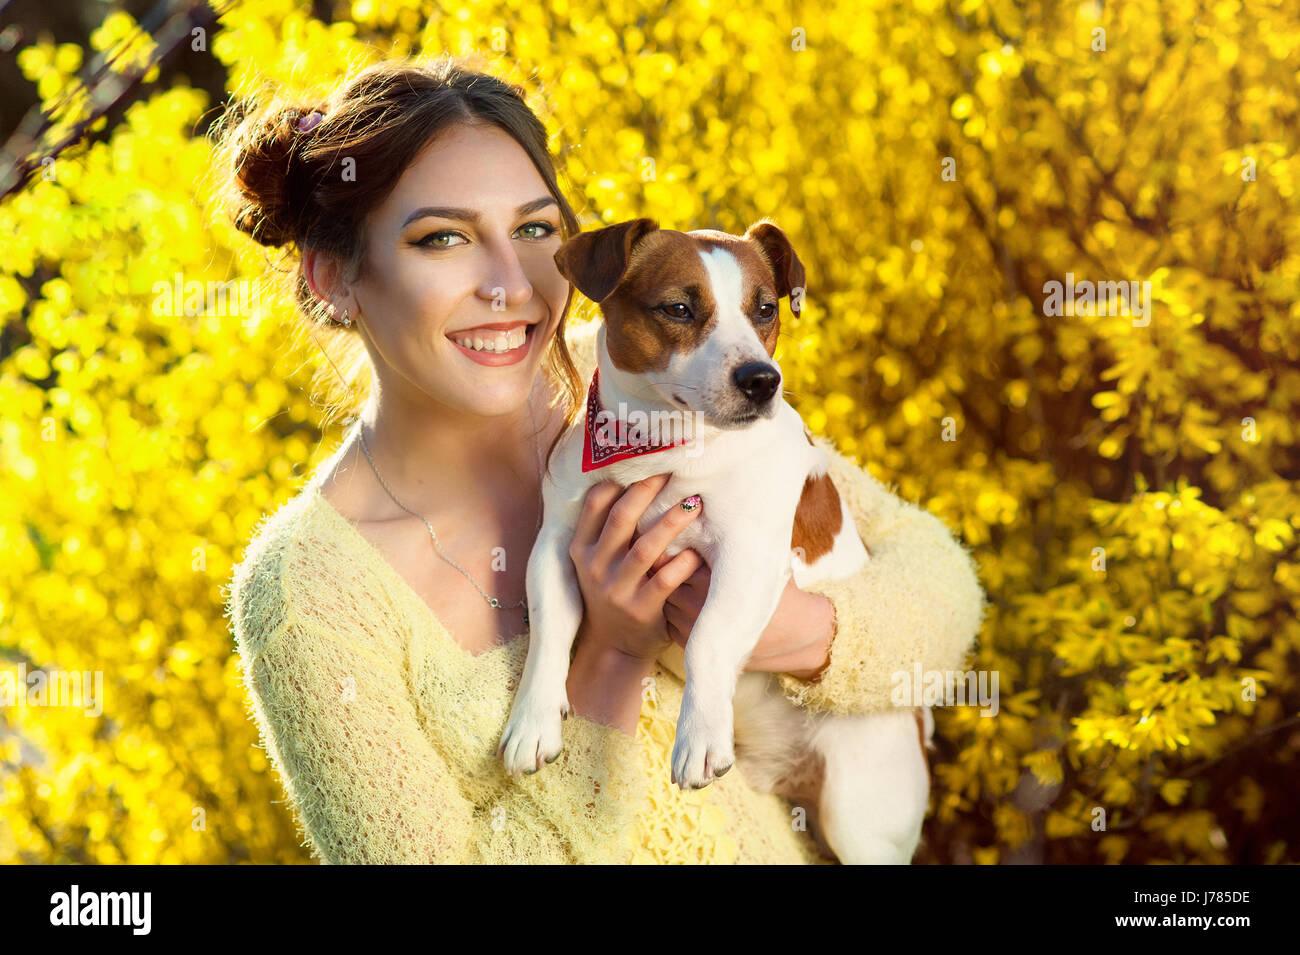 Schöne Frau das Spielen mit Ihrem Hund. Outdoor Portrait. Serie Stockbild